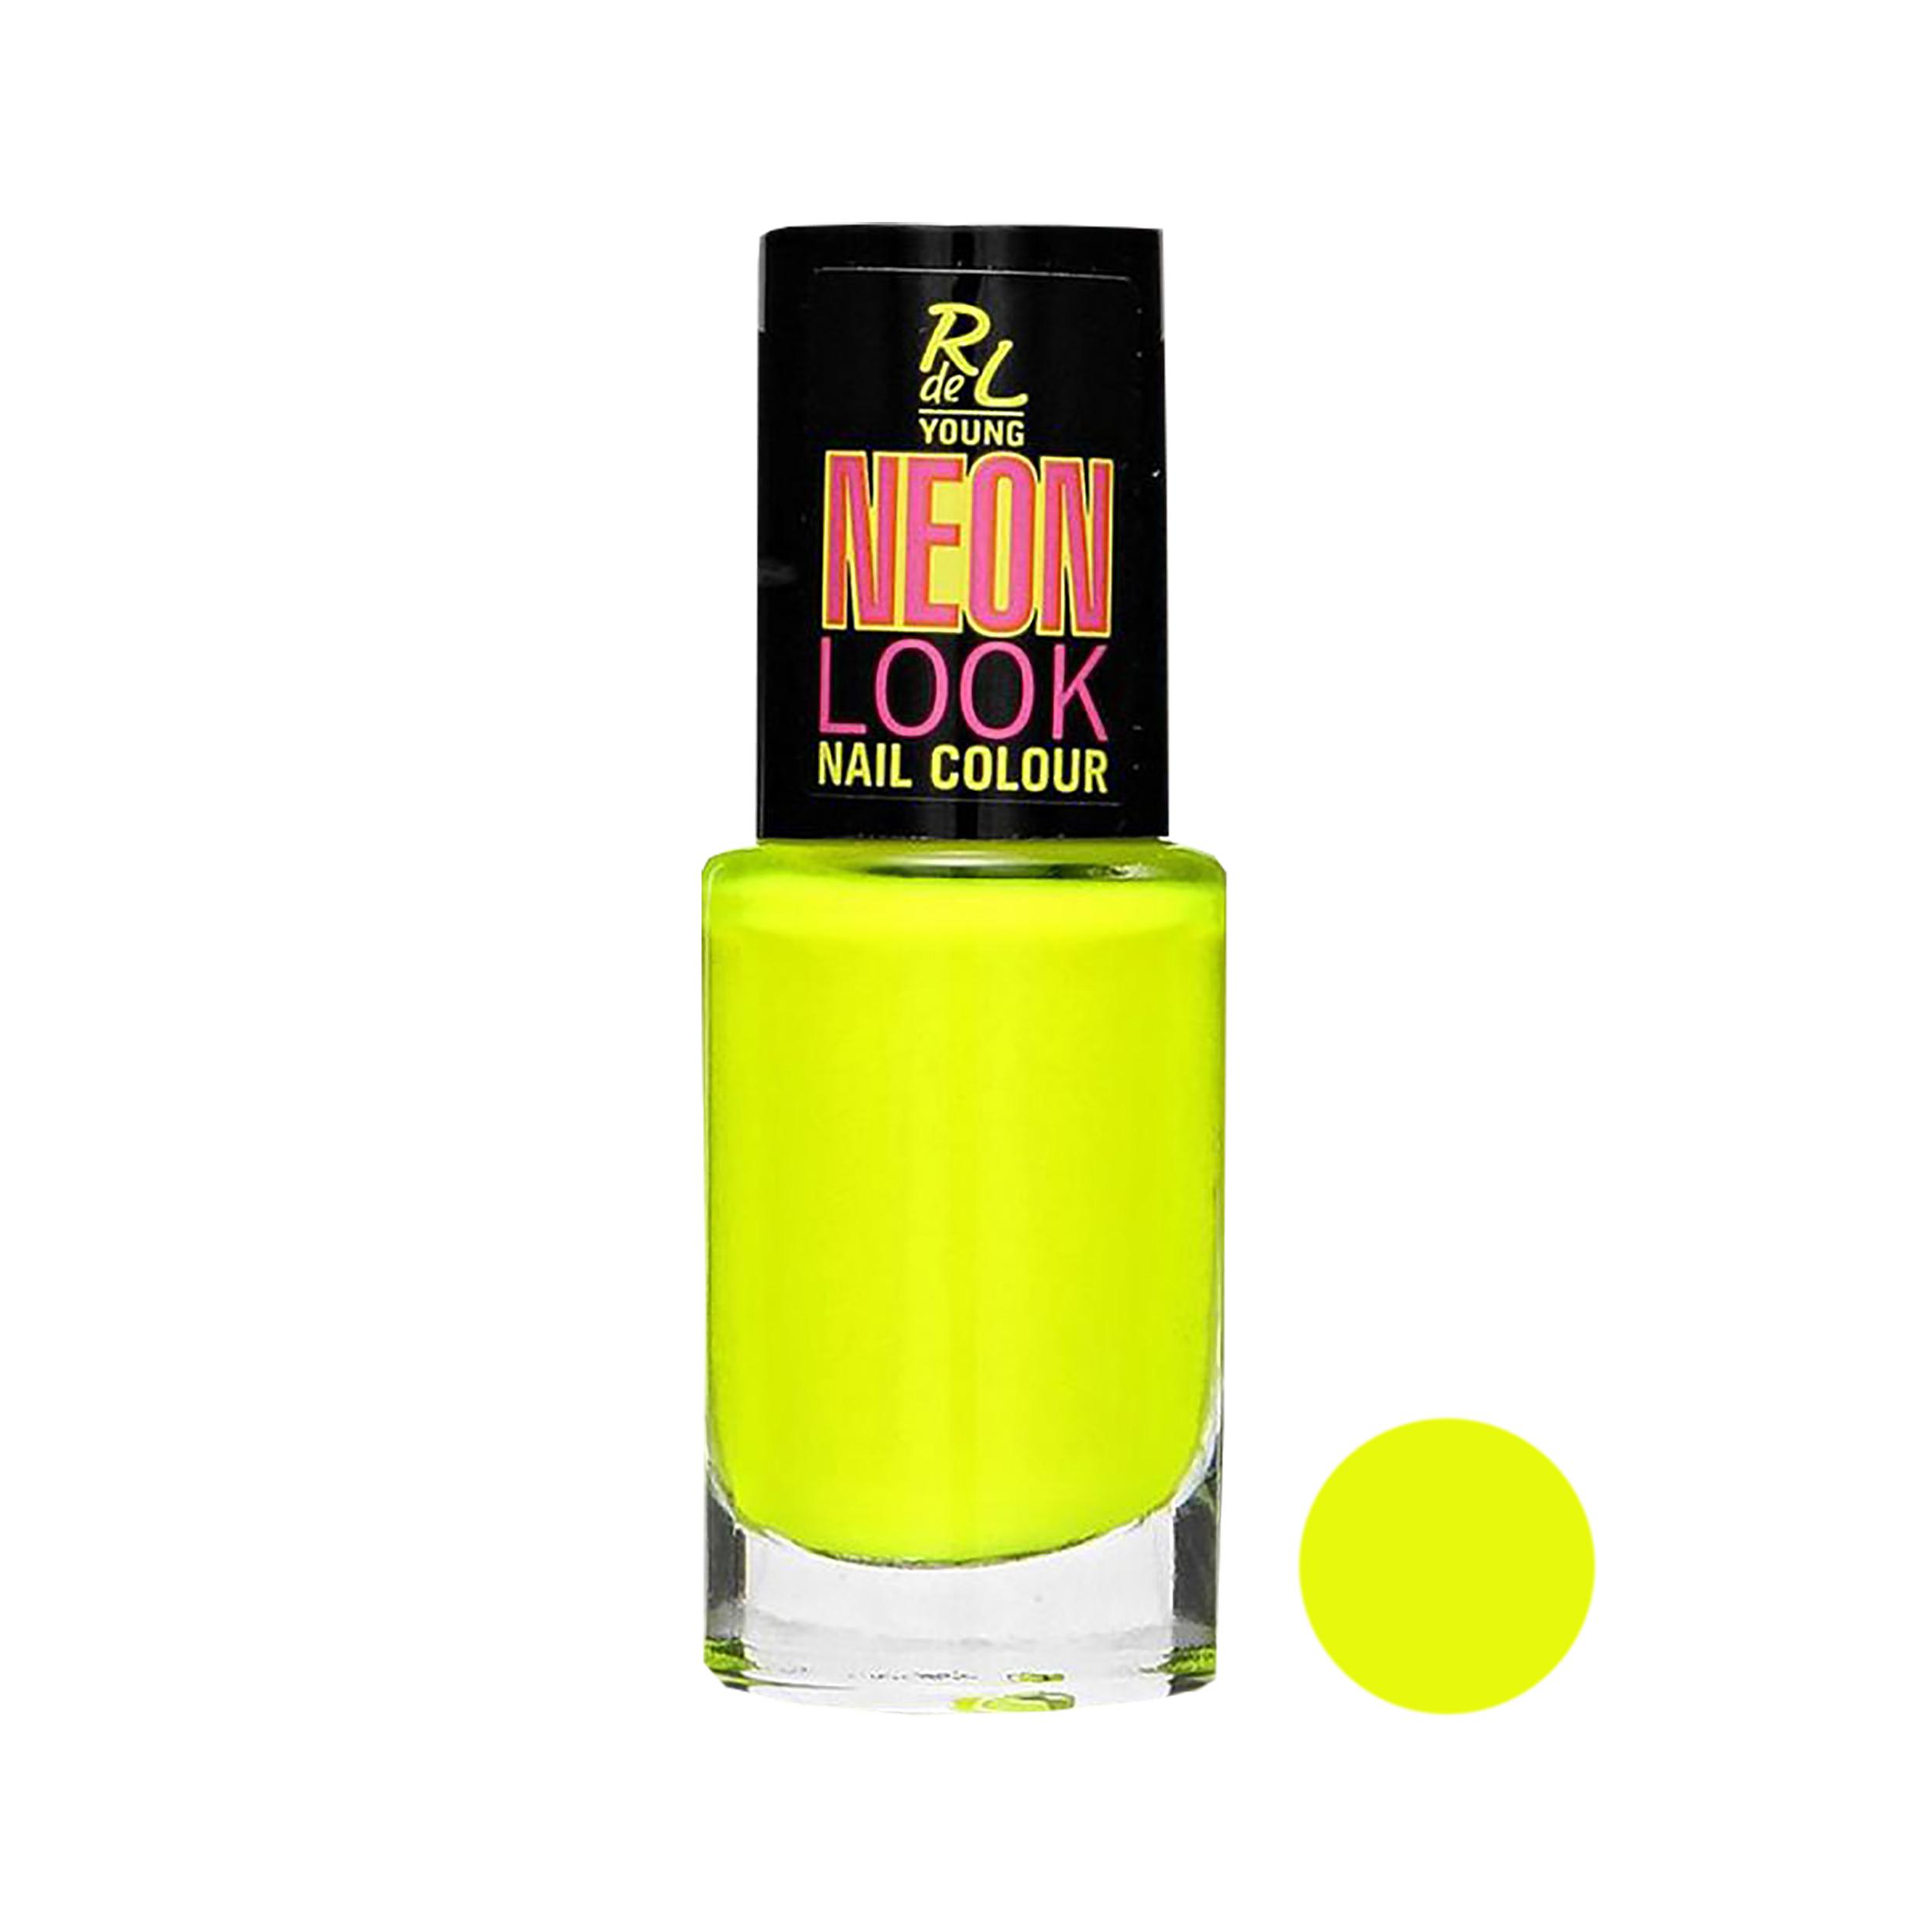 خرید اینترنتی با تخفیف ویژه لاک ناخن ریوال د یانگ مدل Neon Look شماره 01